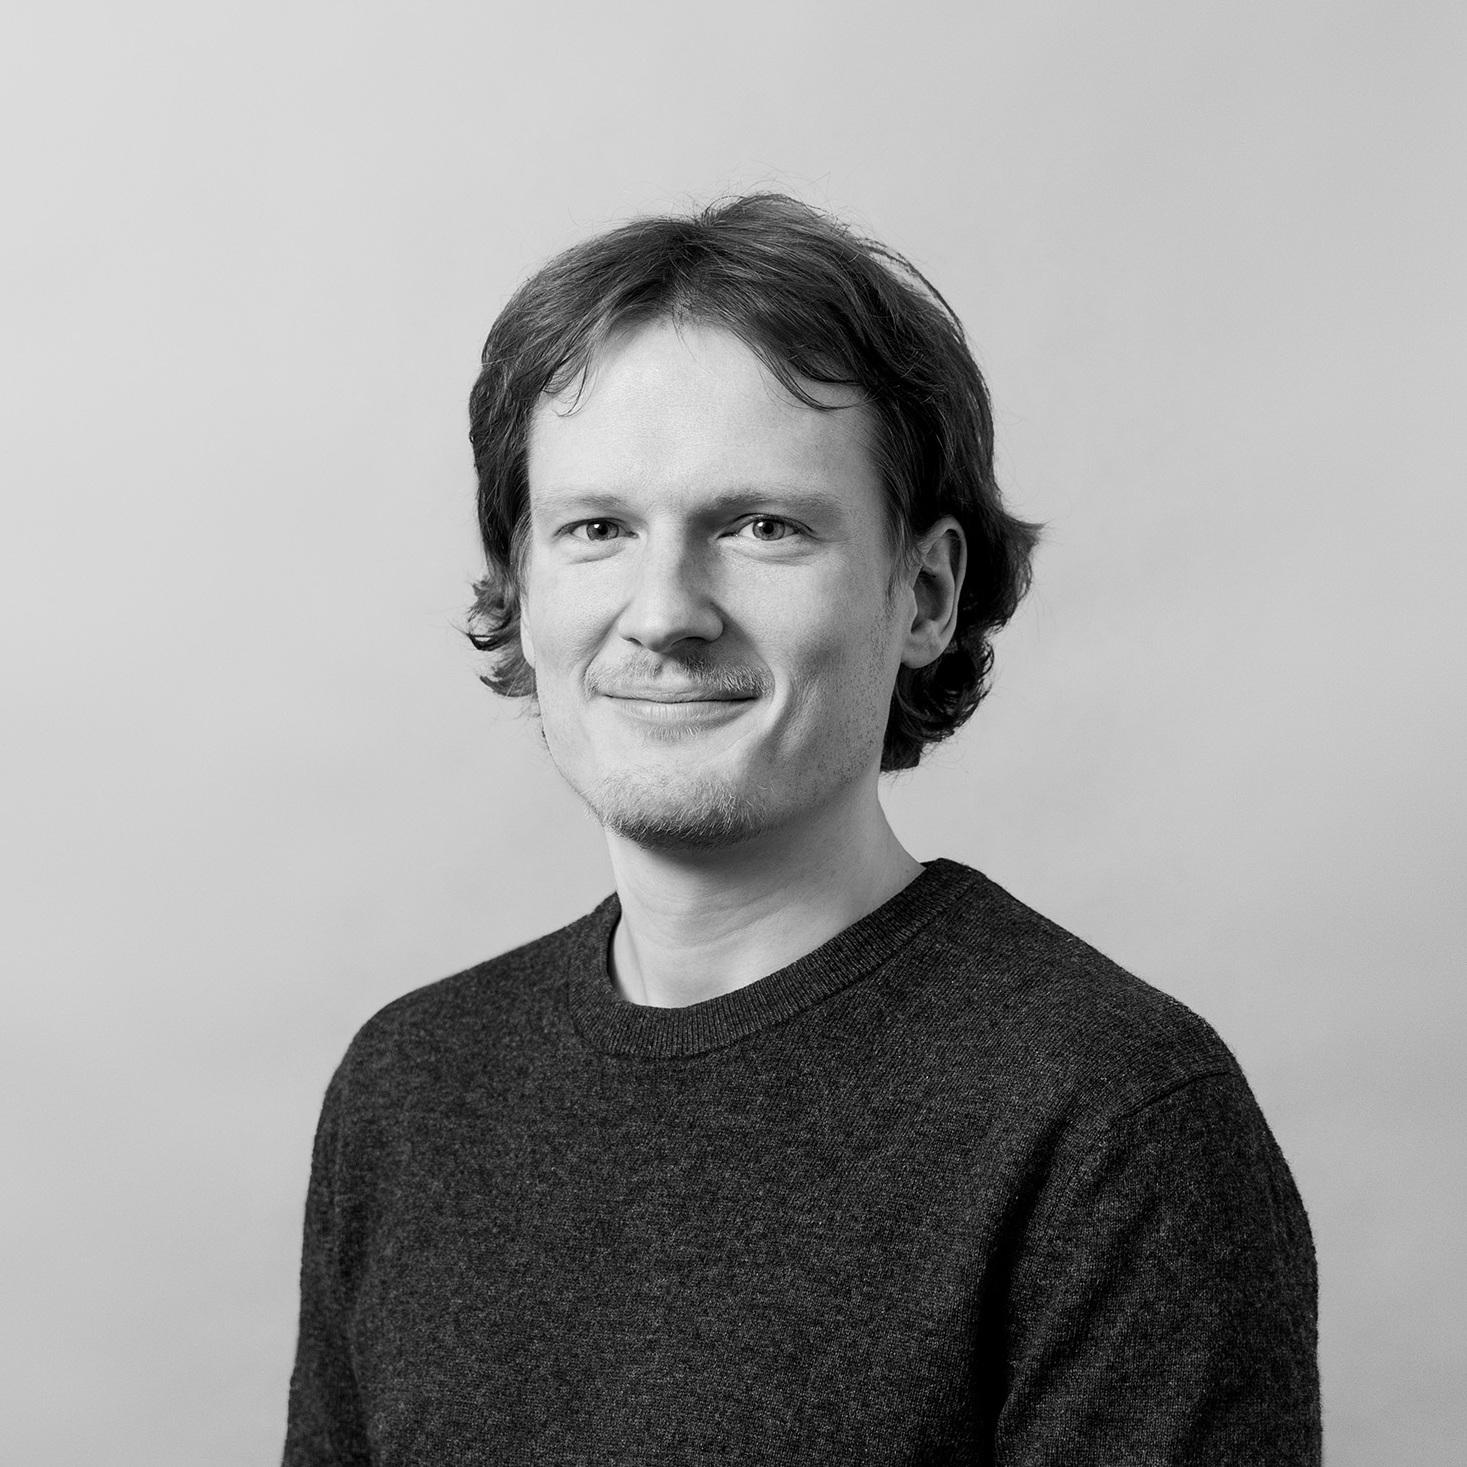 Michal Bednar - Urban Designer